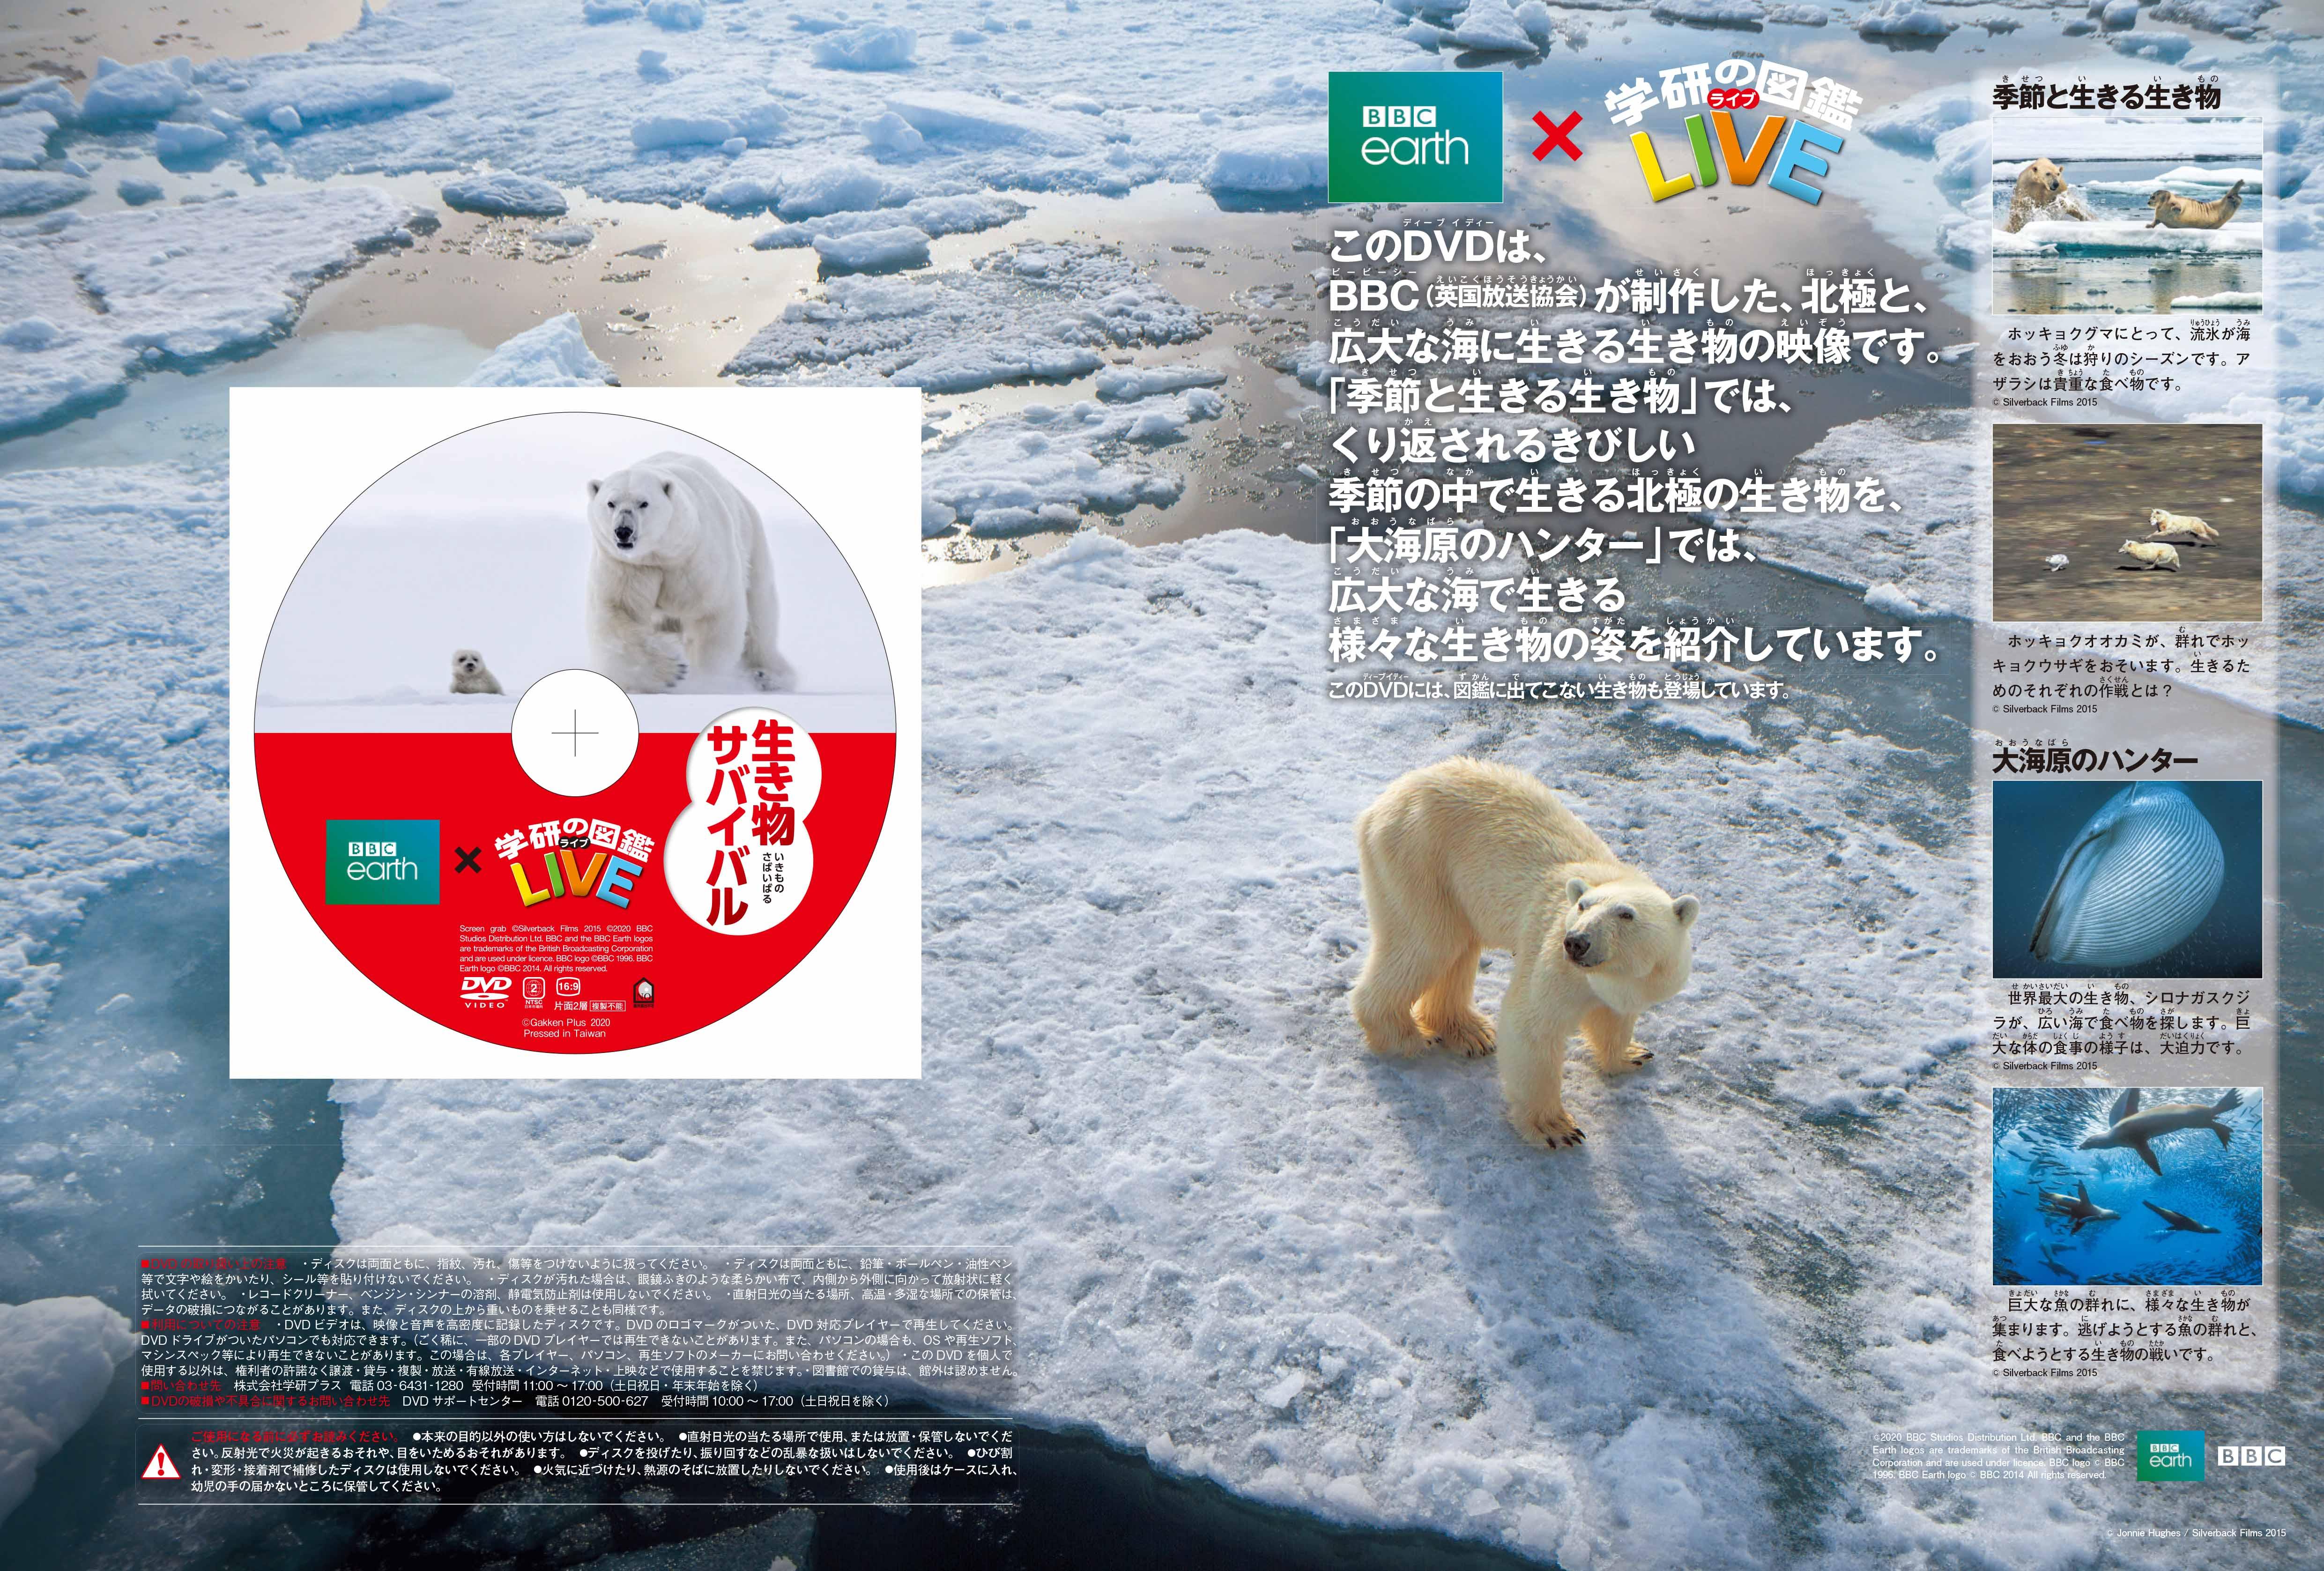 「極を生きる動物と海のハンターにフォーカスした、豪華2話構成 DVD」盤面